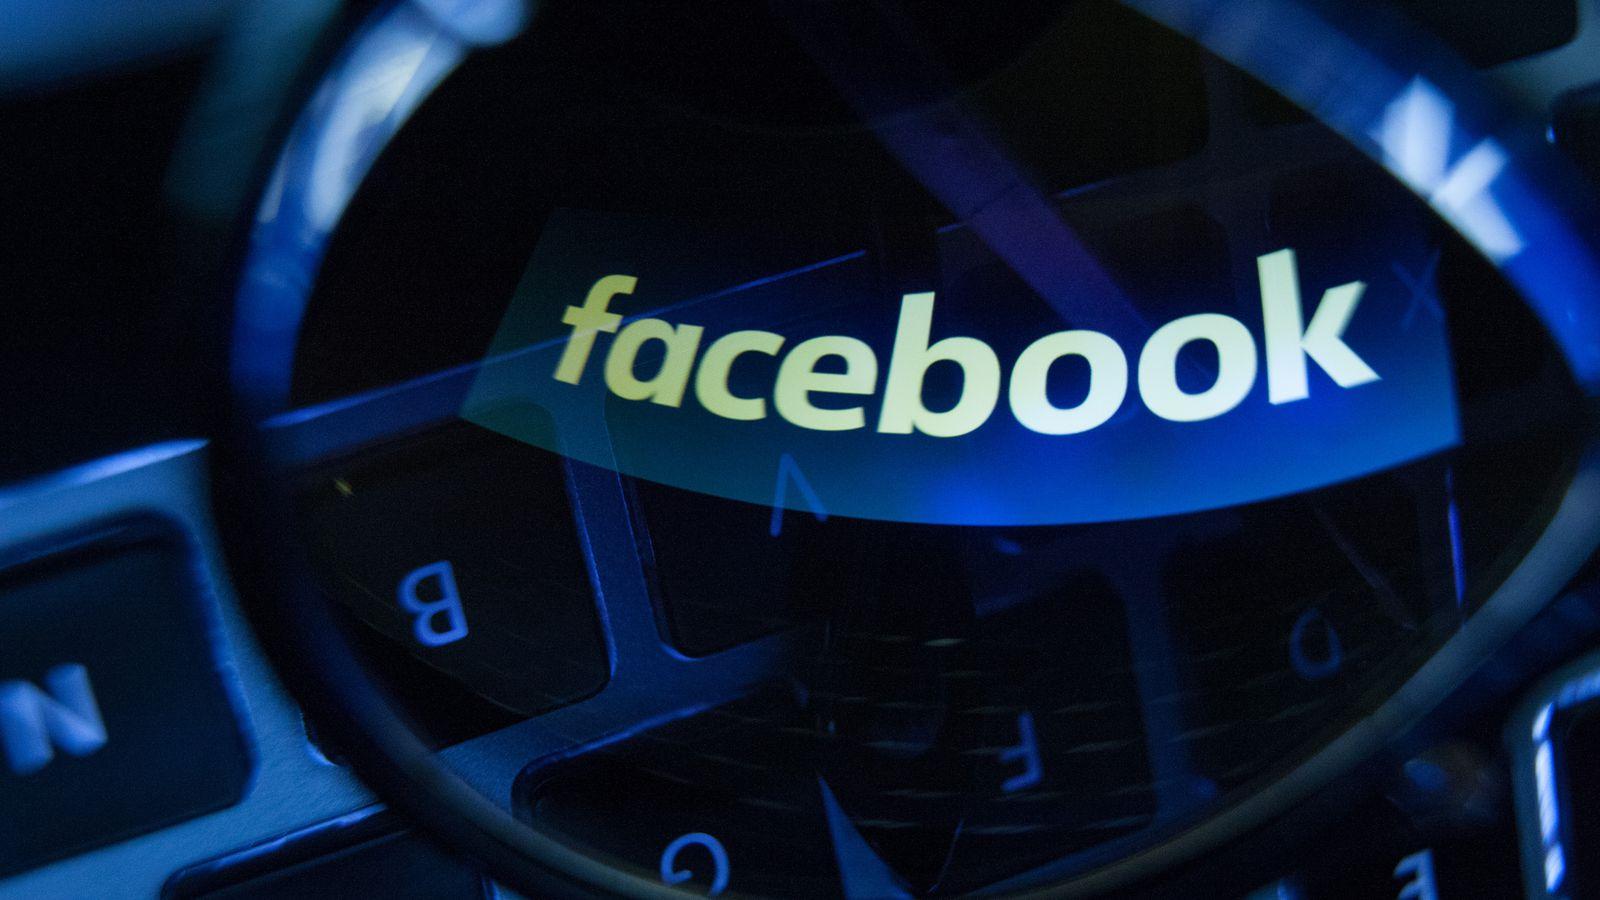 Facebook sigue creciendo incansablemente